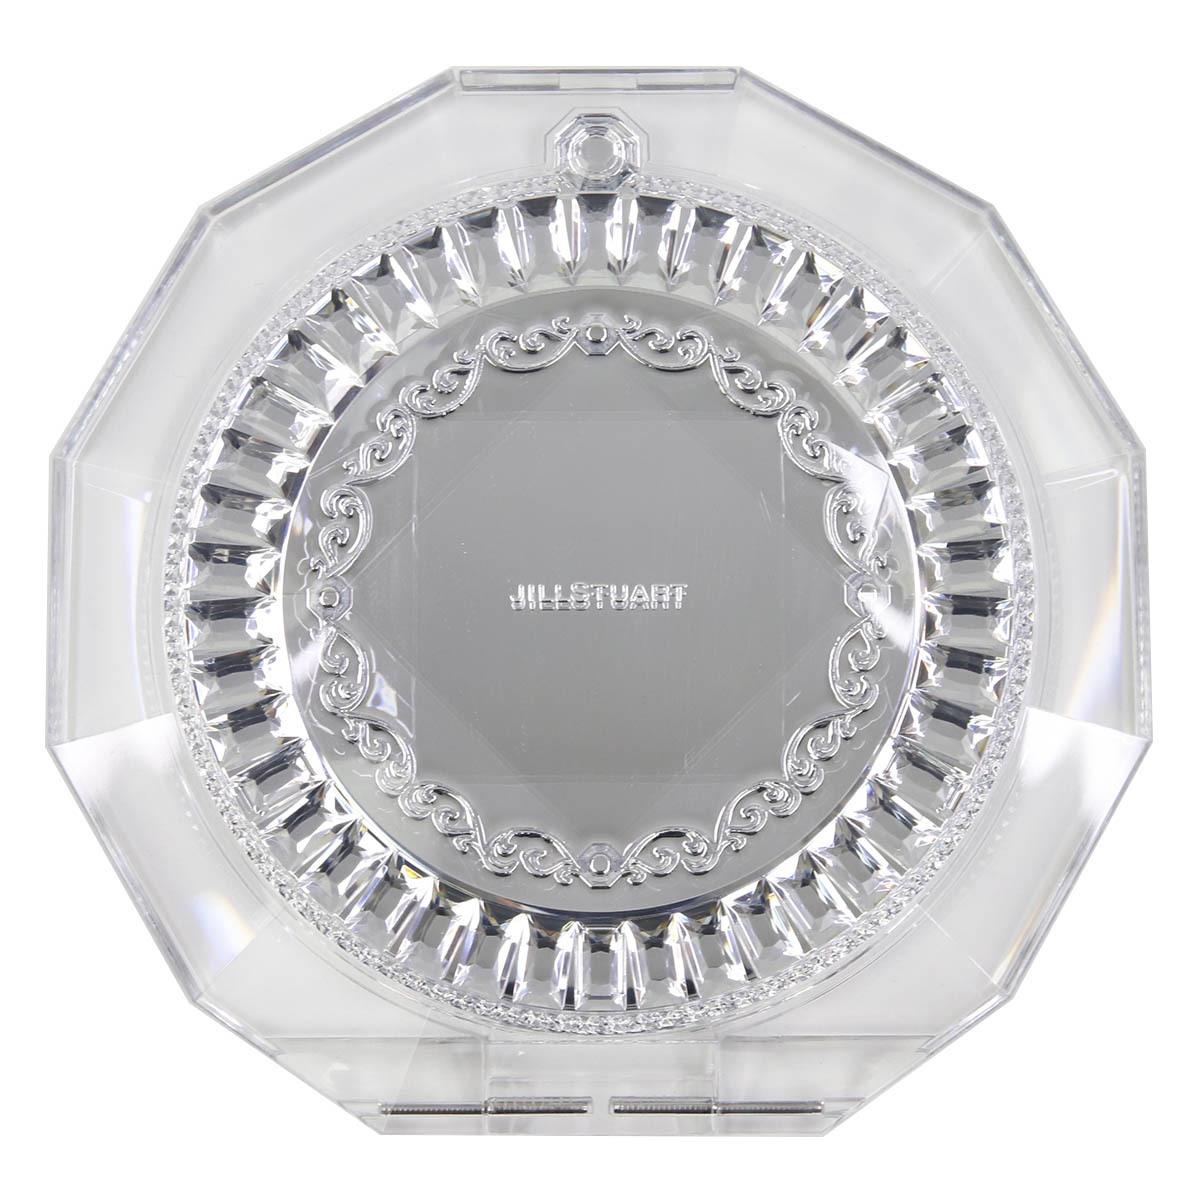 ジルスチュアート JILLSTUART 鏡 ミラー コンパクトミラーIV